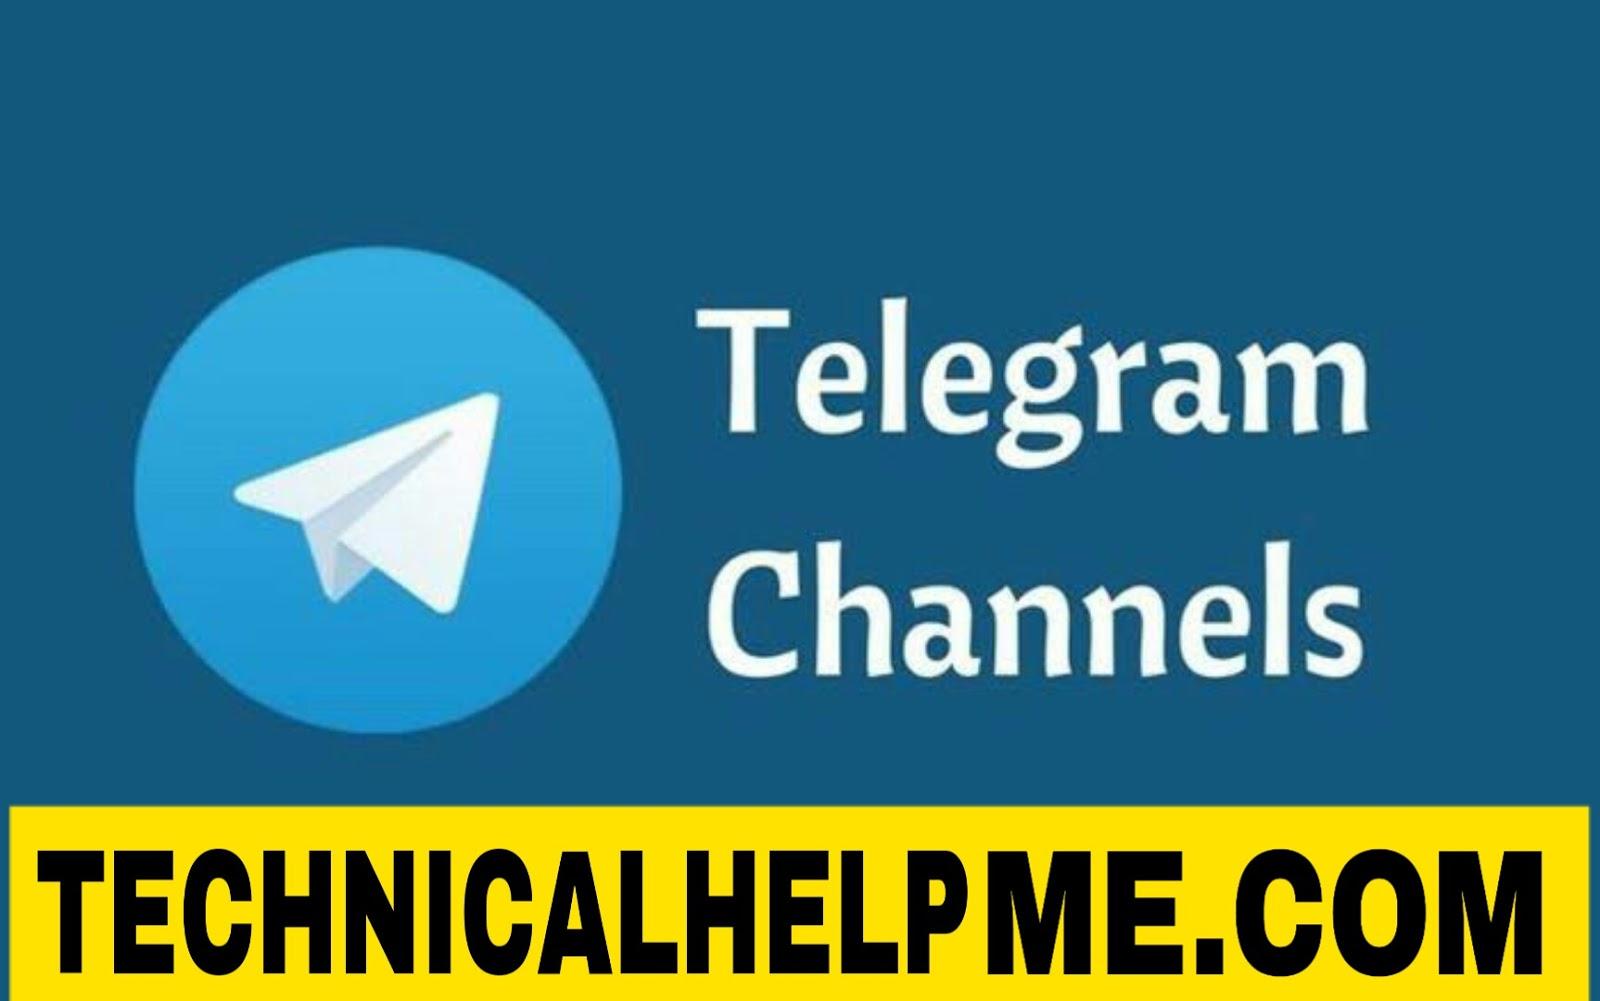 Pin on telegram group links list